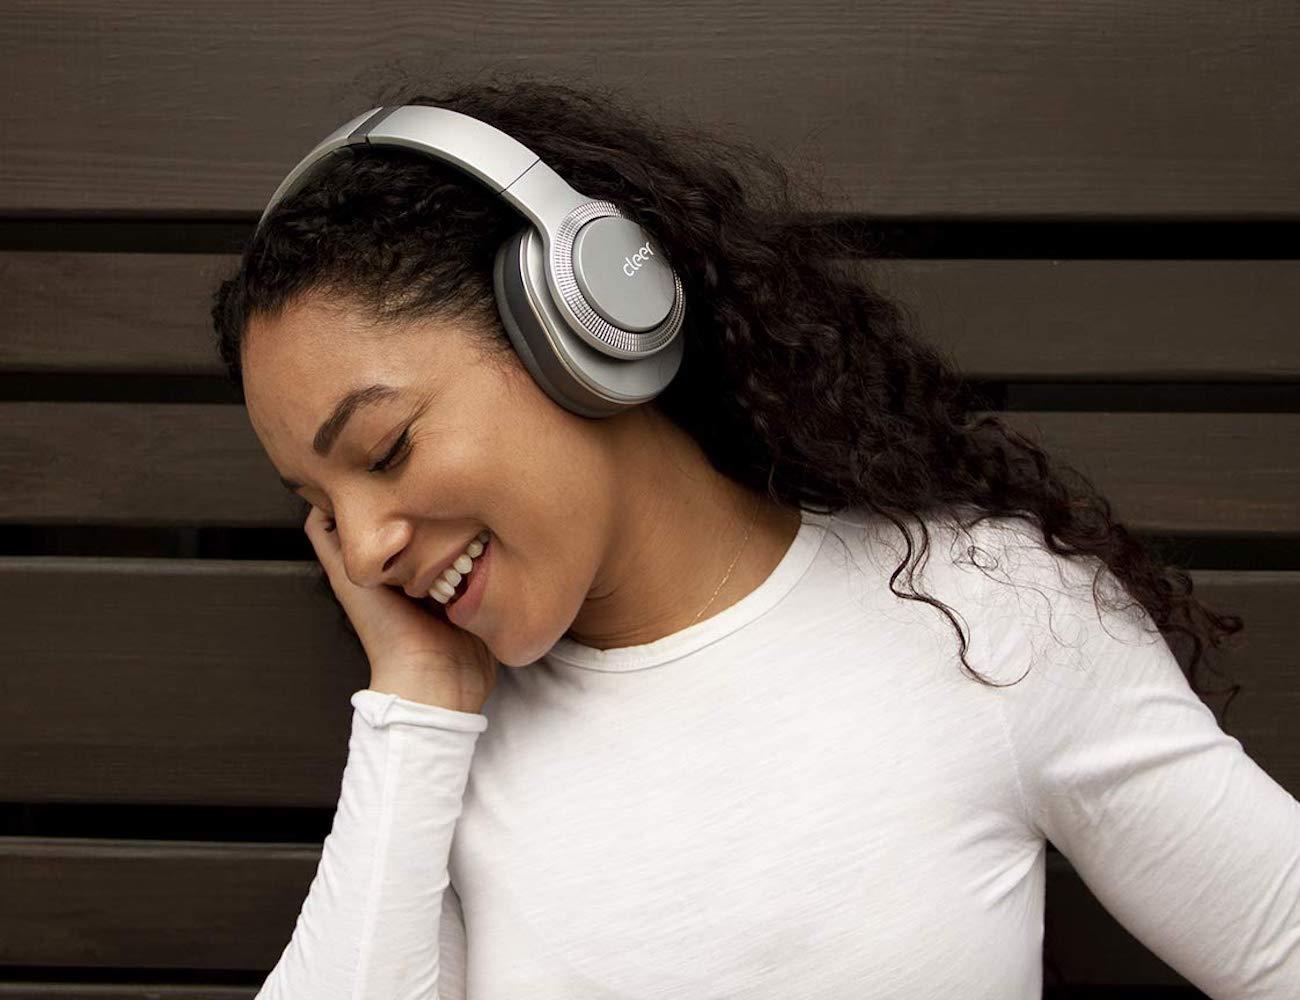 Cleer Flow Hybrid Noise Canceling Headphones